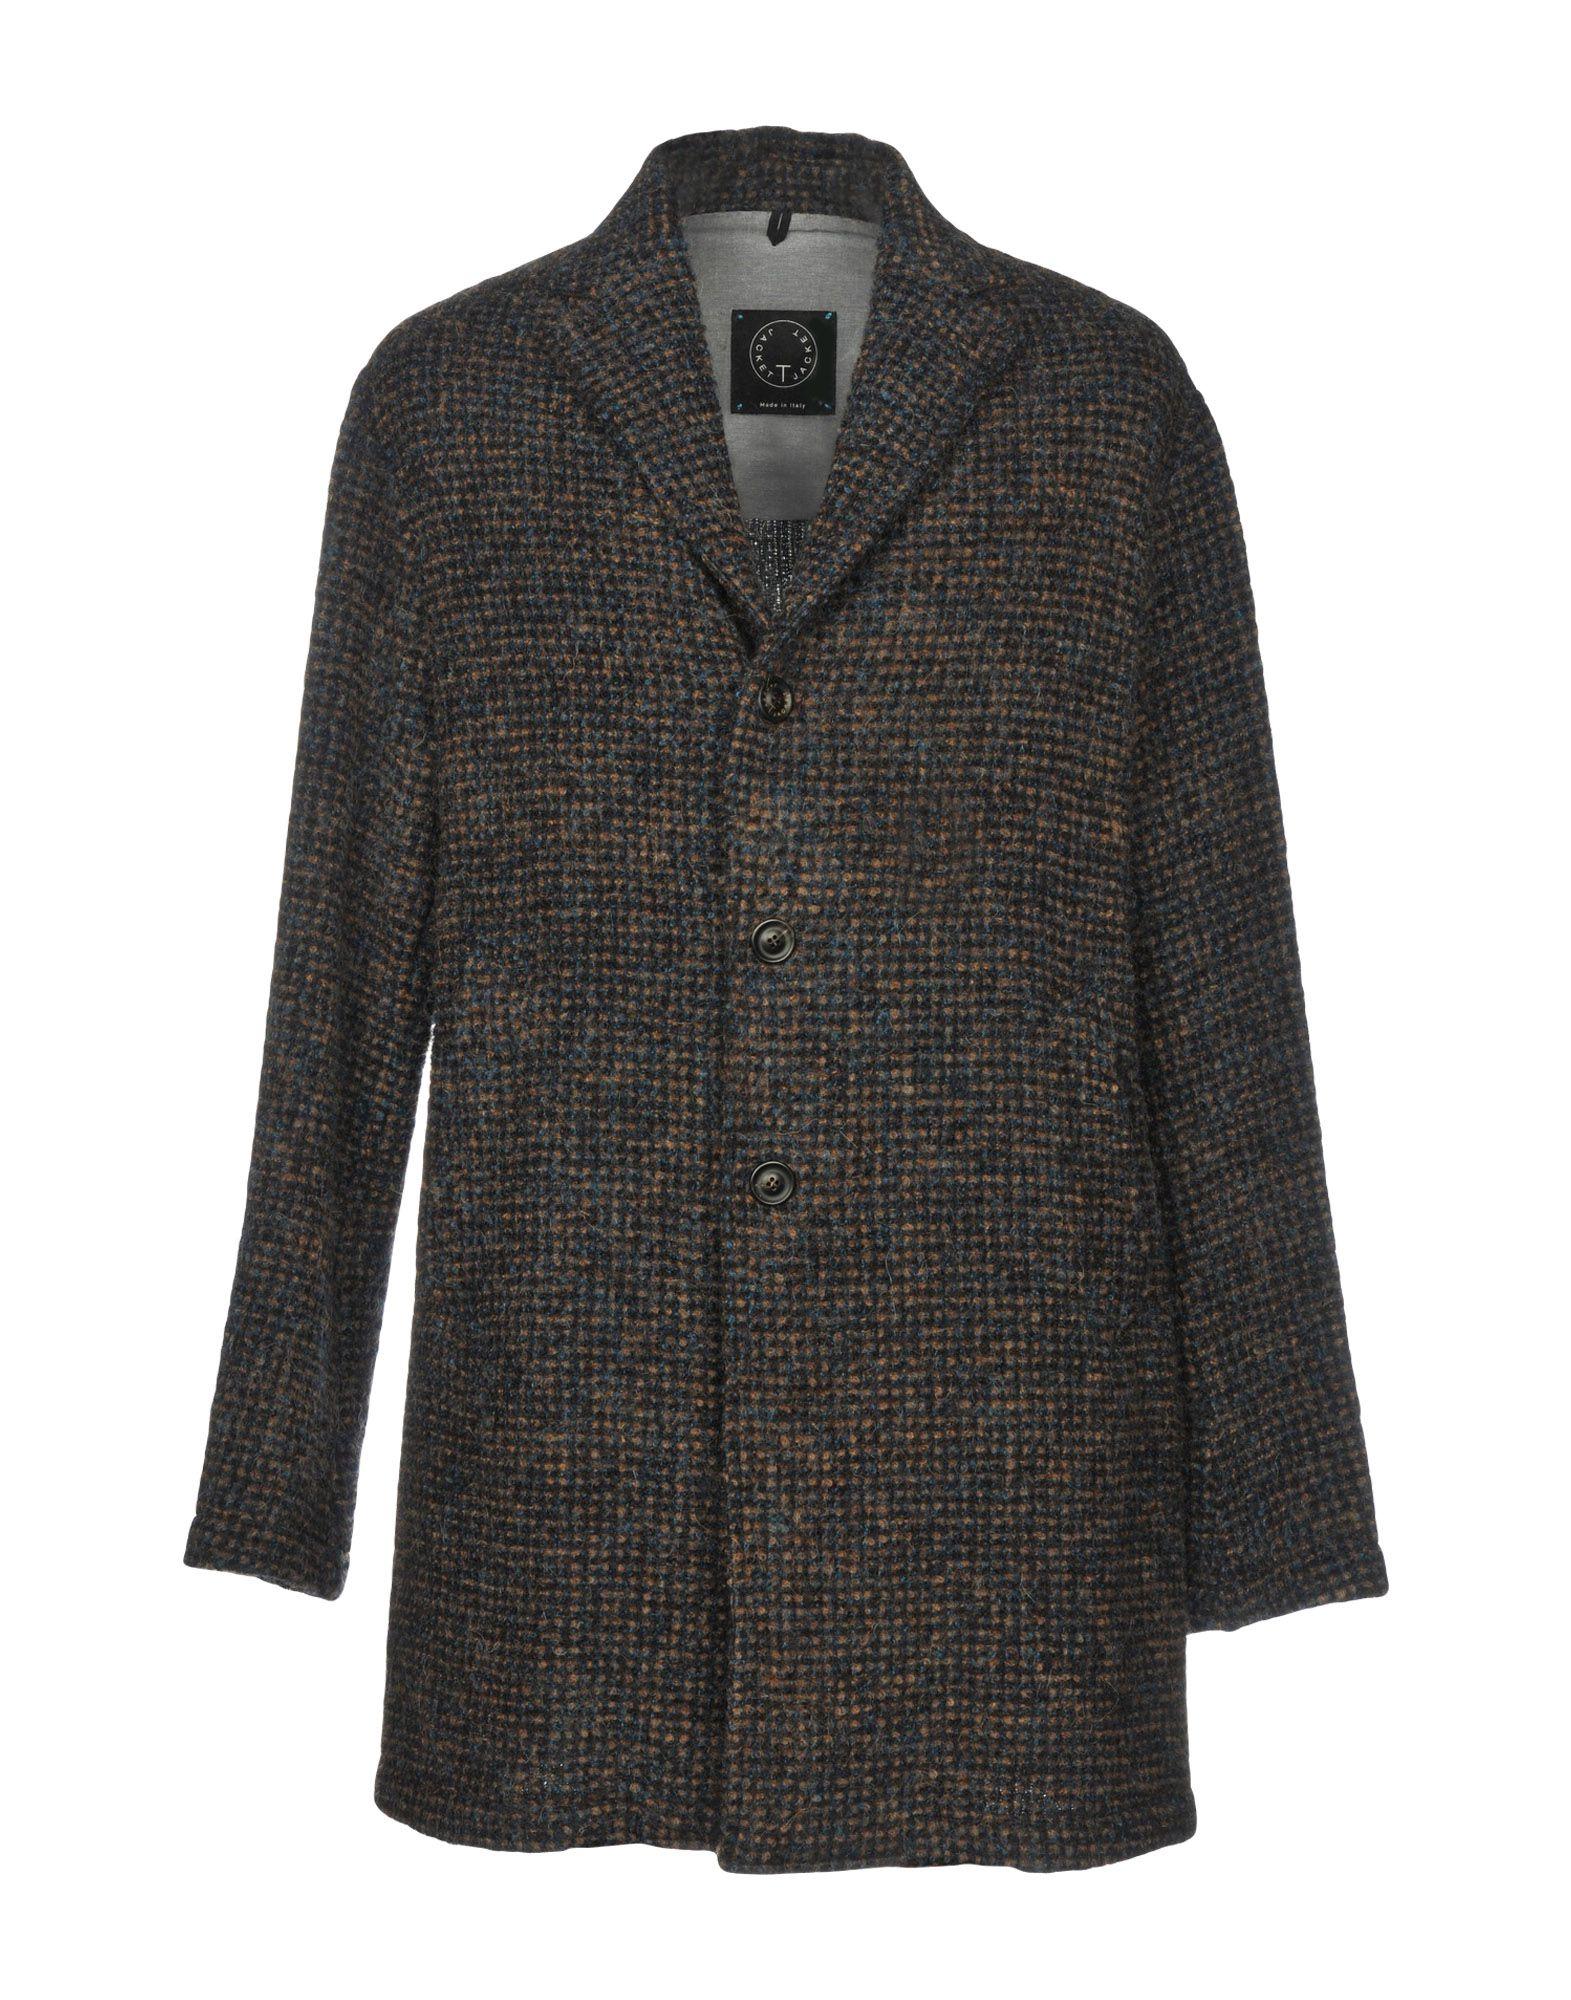 T-JACKET by TONELLO Пальто 57 t пальто